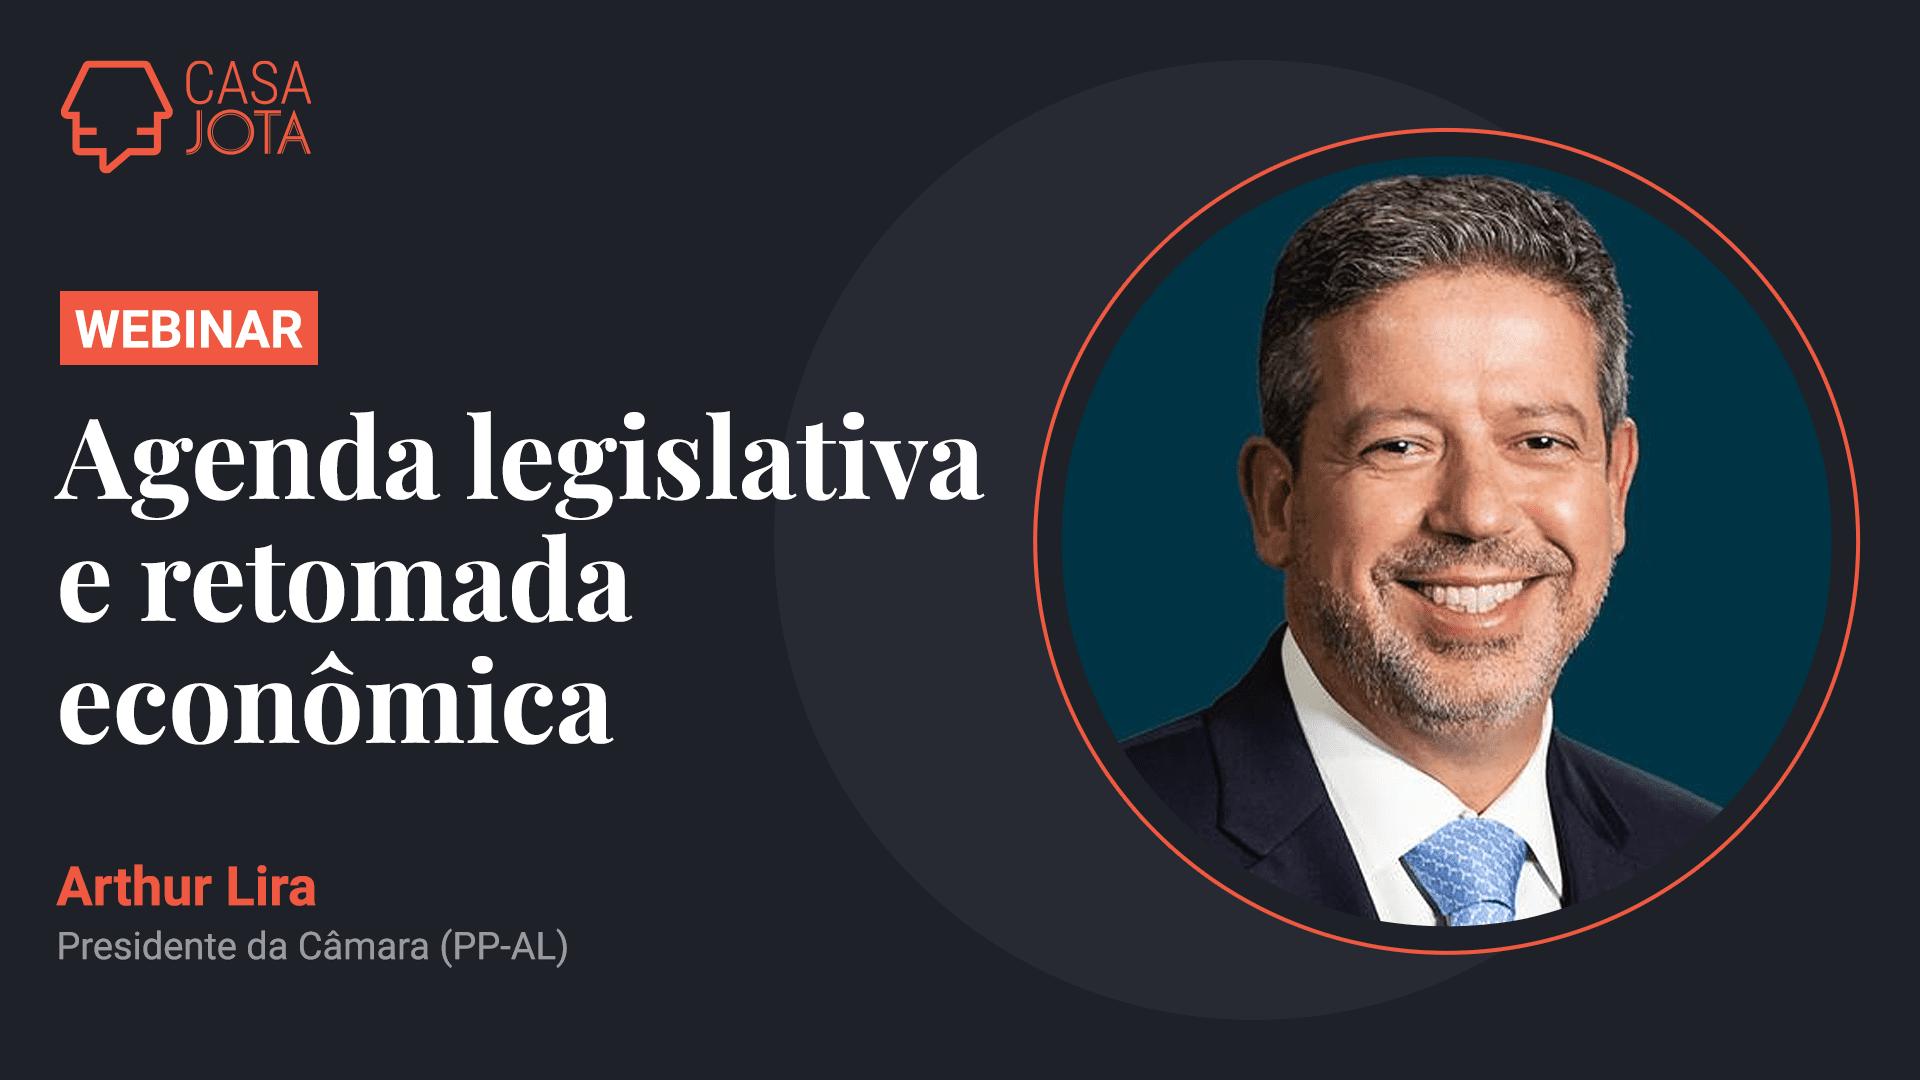 Casa JOTA: Arthur Lira, presidente da Câmara